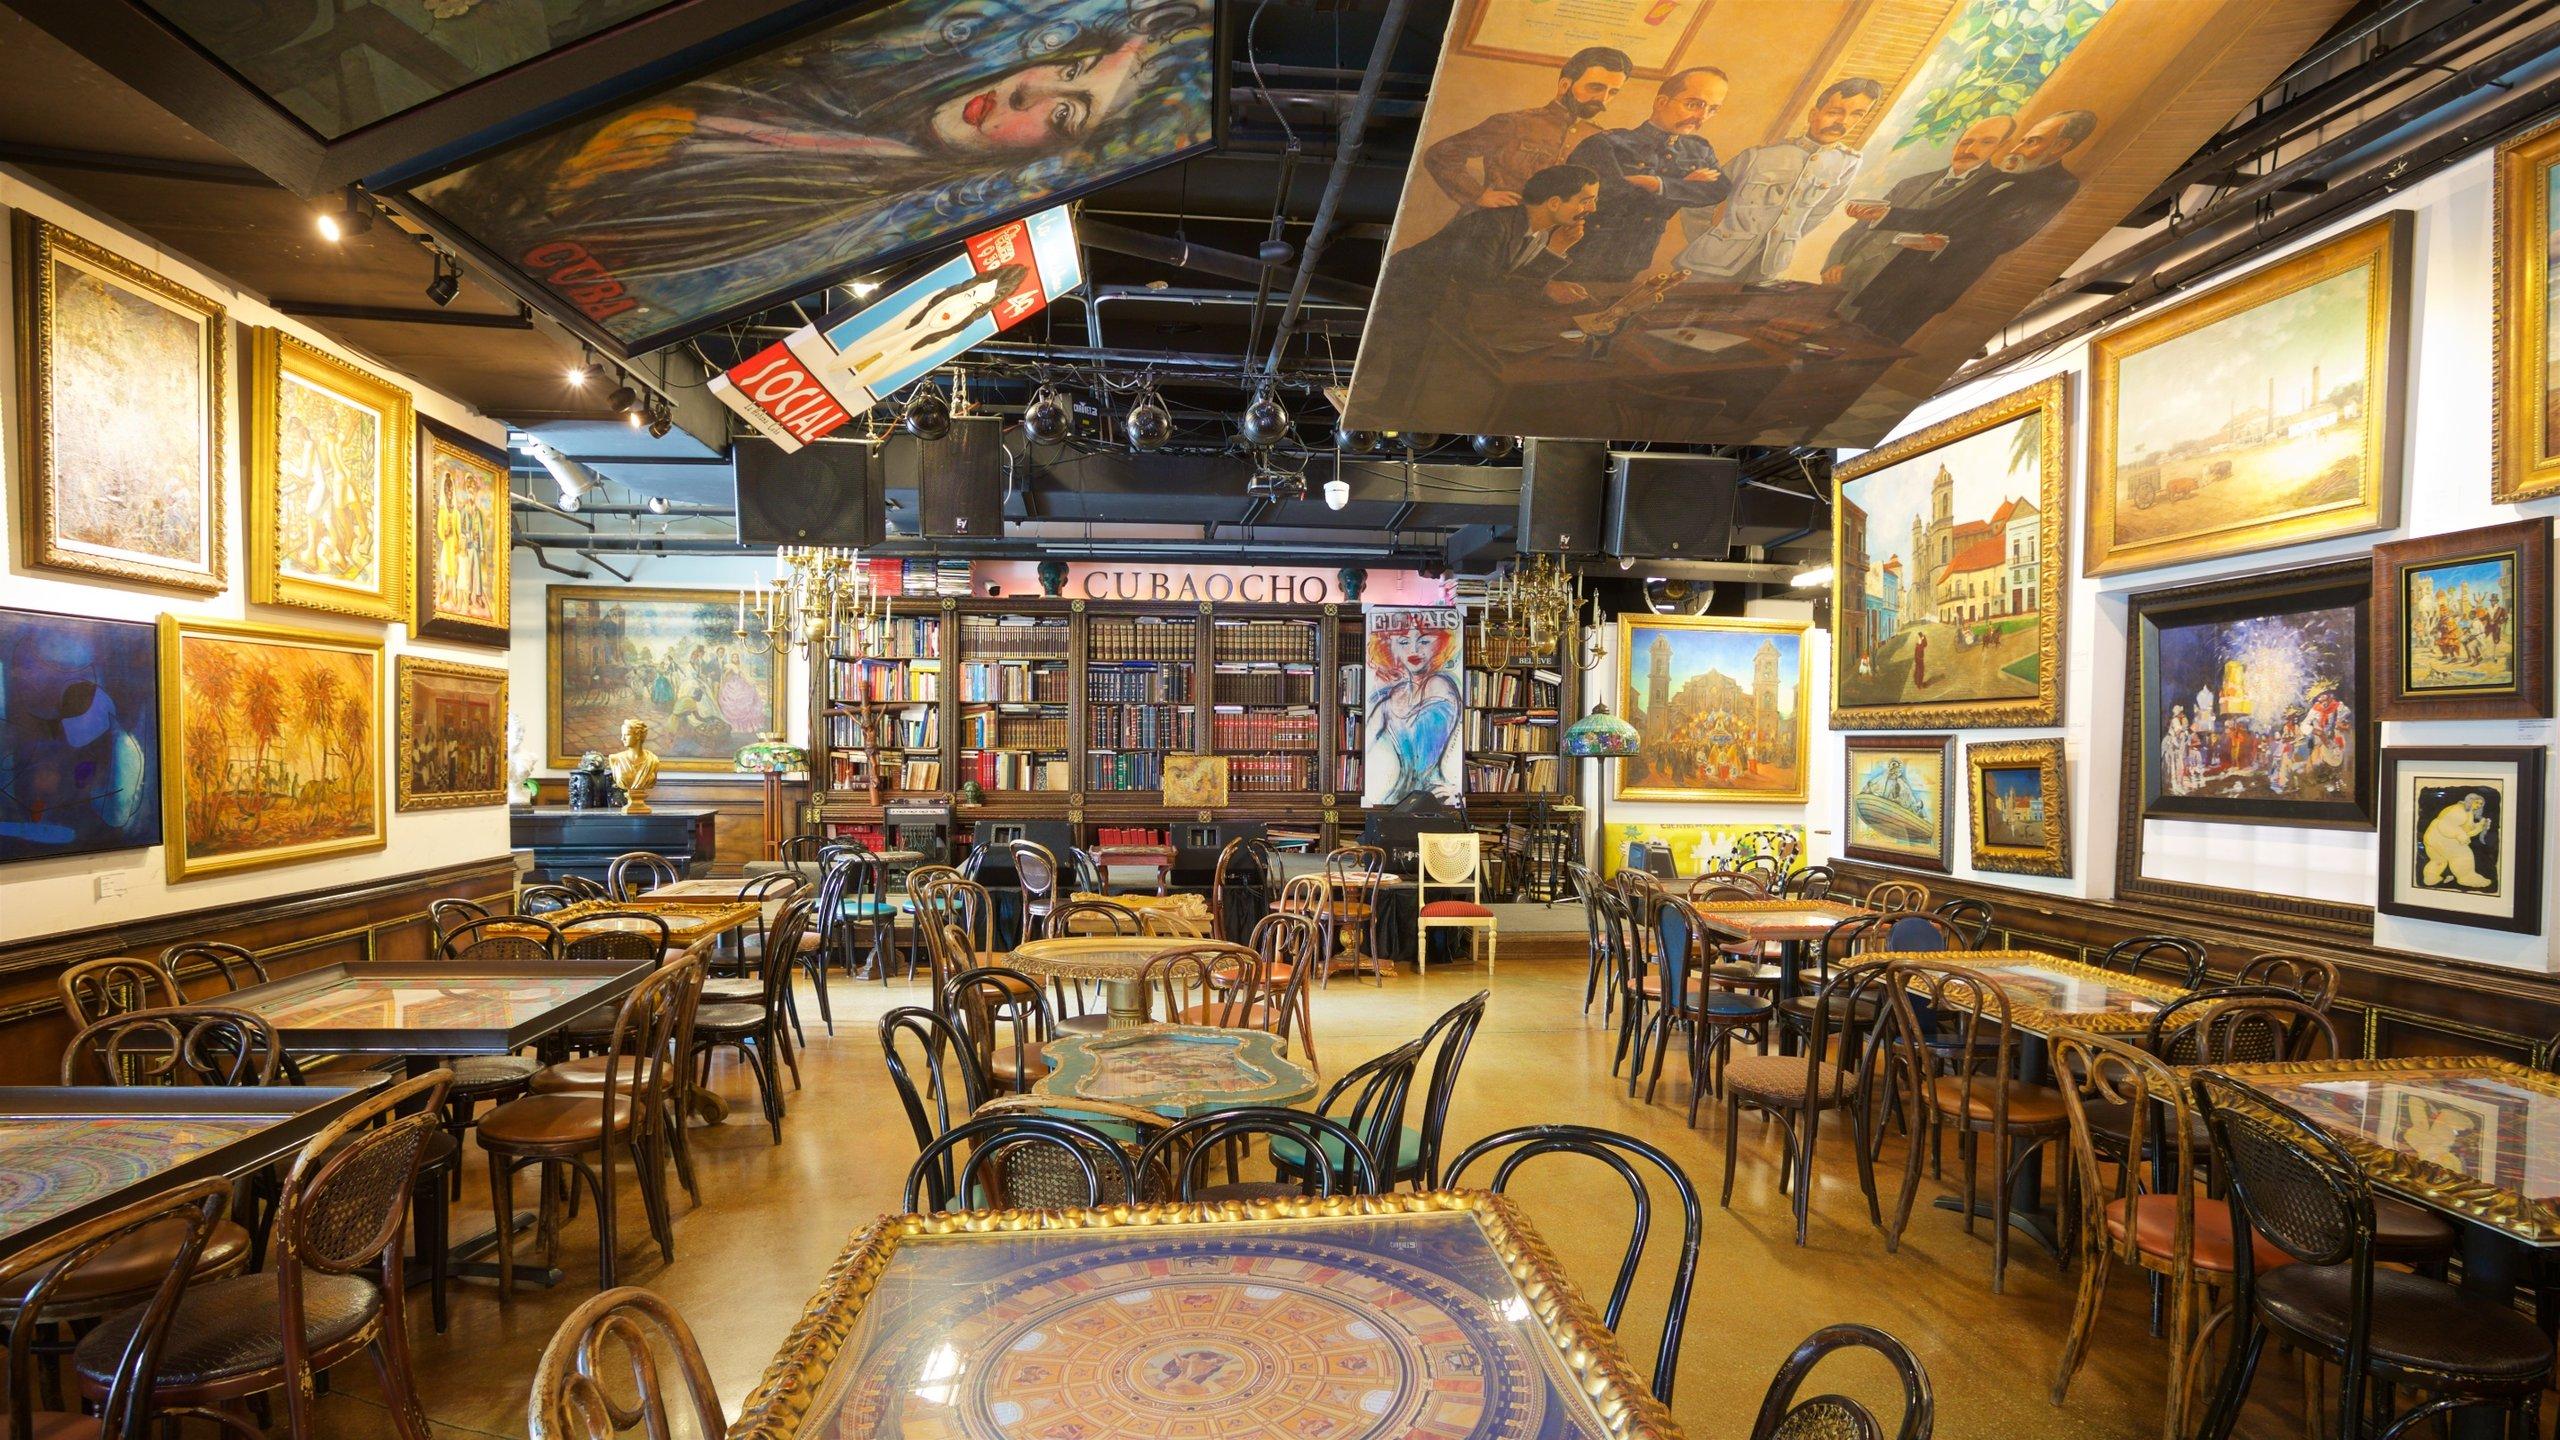 East Little Havana, Miami, Florida, United States of America